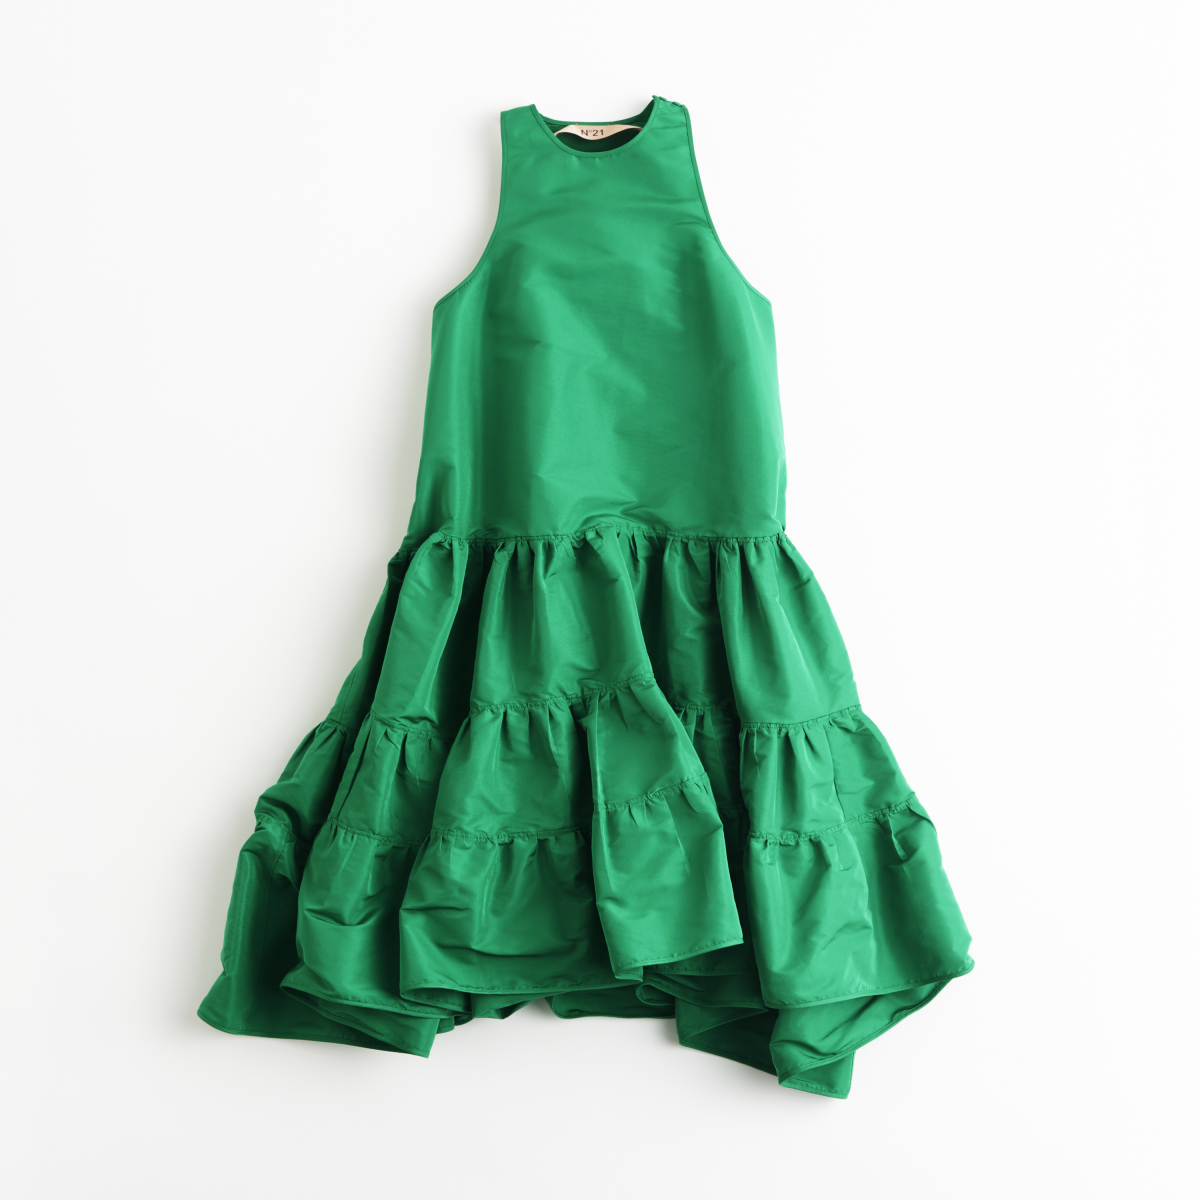 鮮やかなグリーンドレスでみんなの視線を独り占め【ヌメロ ヴェントゥーノ】